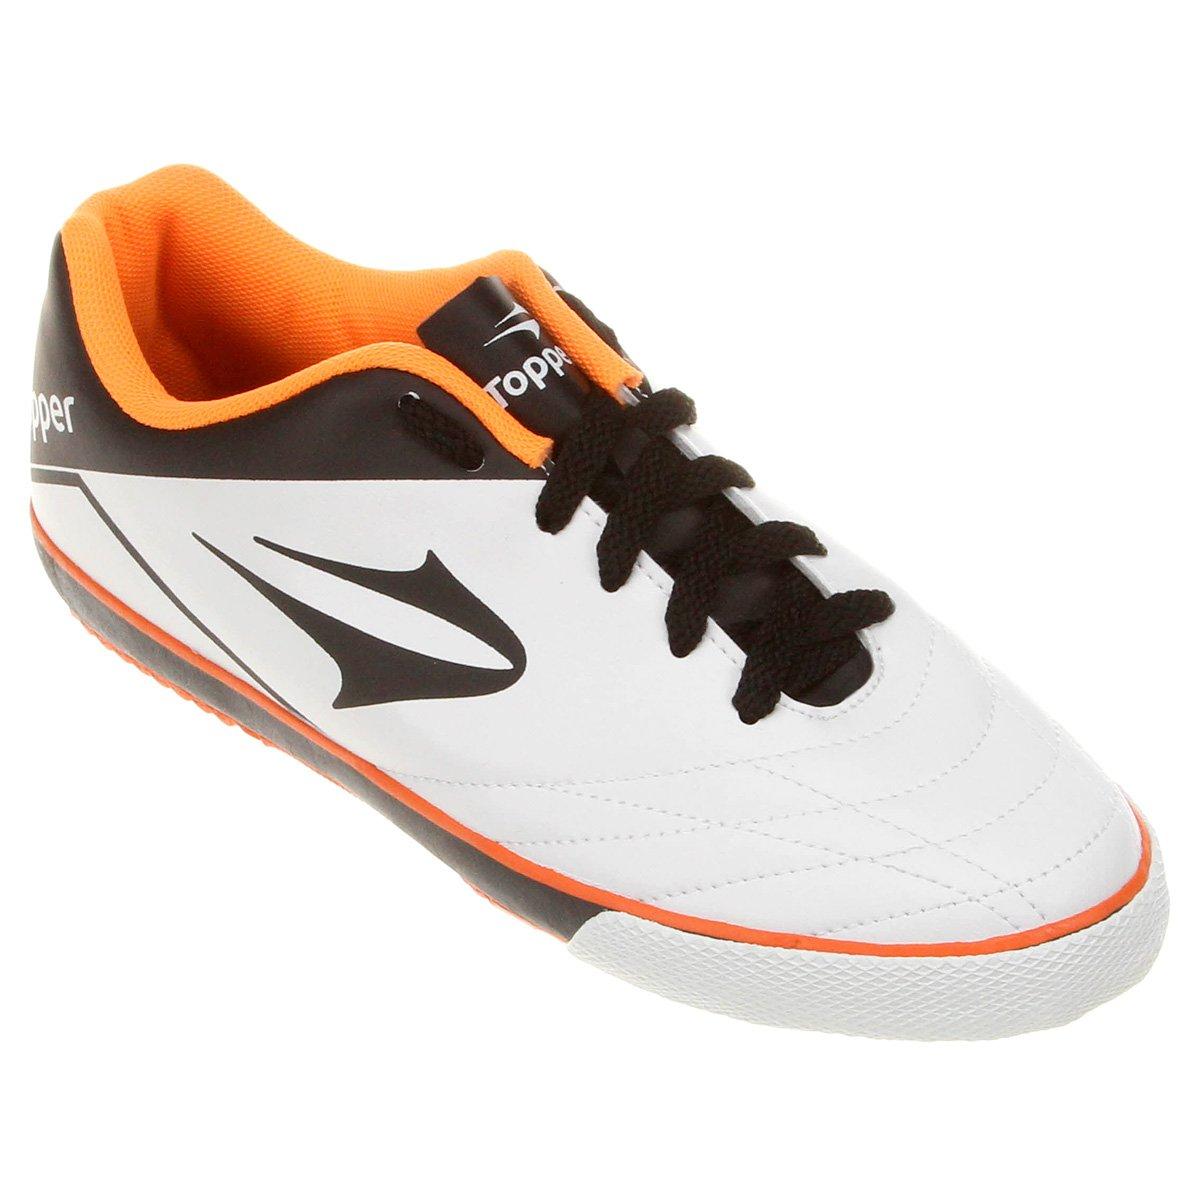 1aac8d6752b Chuteira Futsal Topper Frontier 7 - Compre Agora